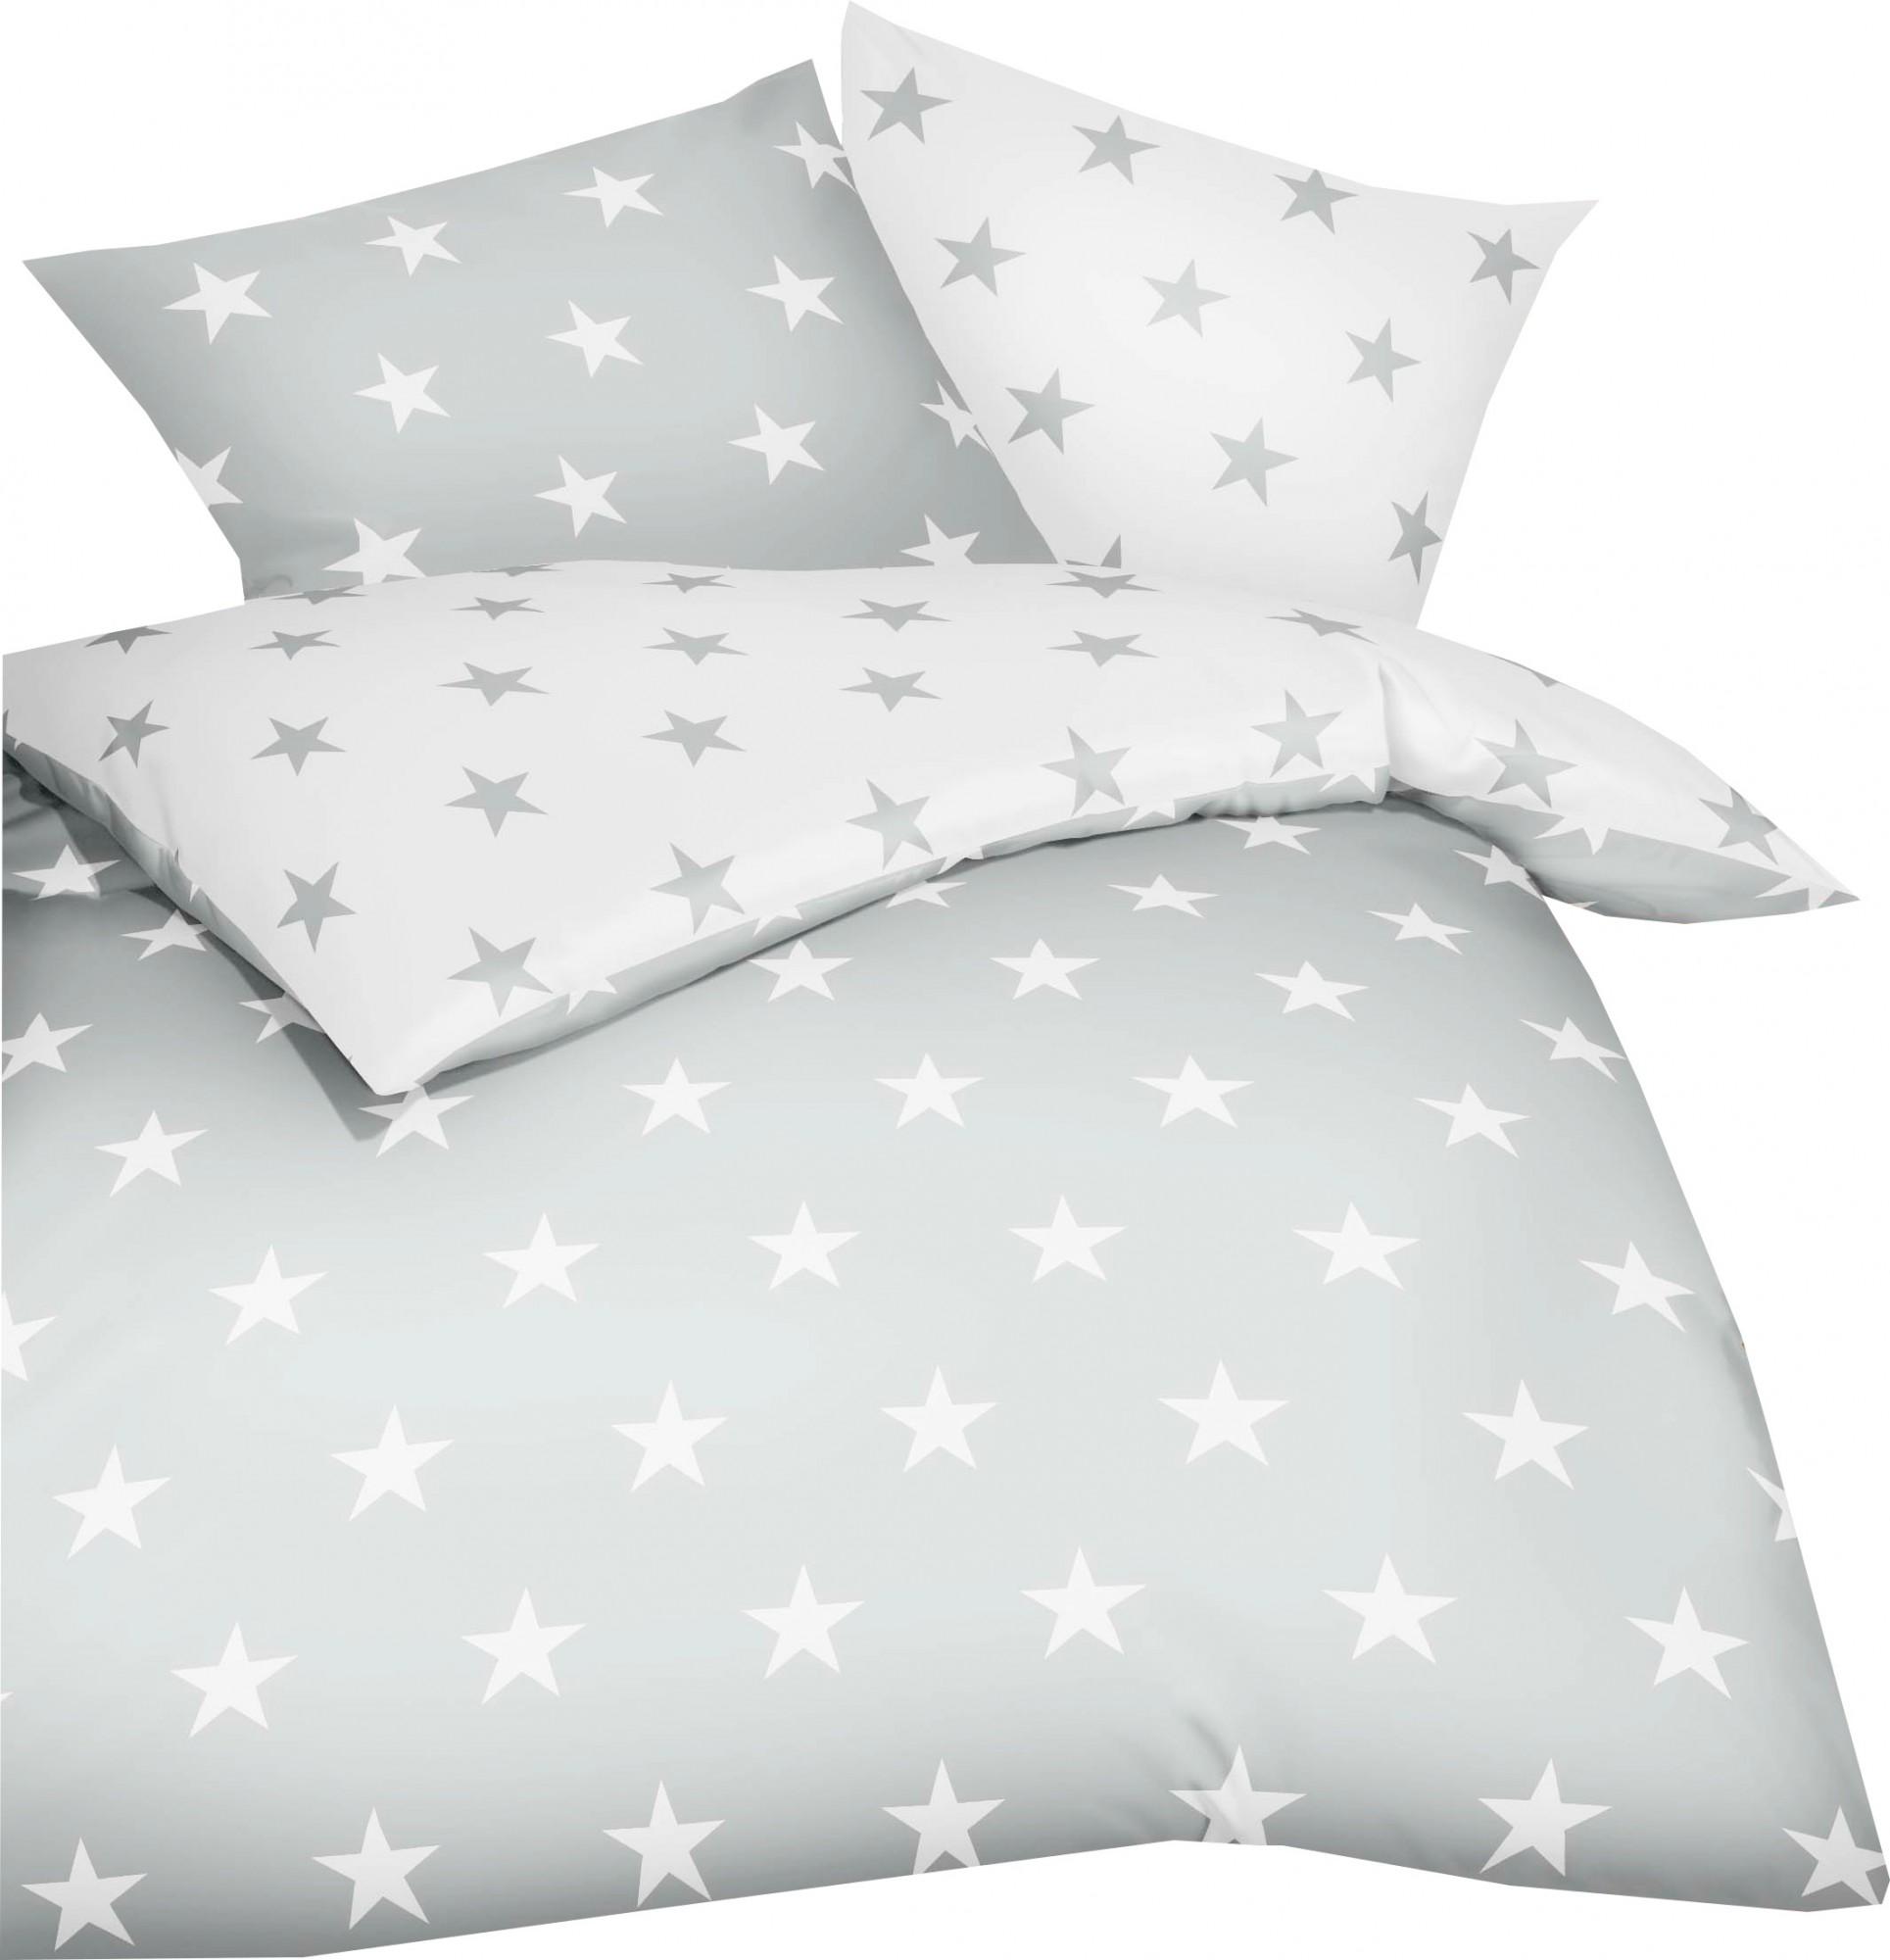 Kaeppel Mako Satin Bettwäsche Essential Stars Größe 155x220